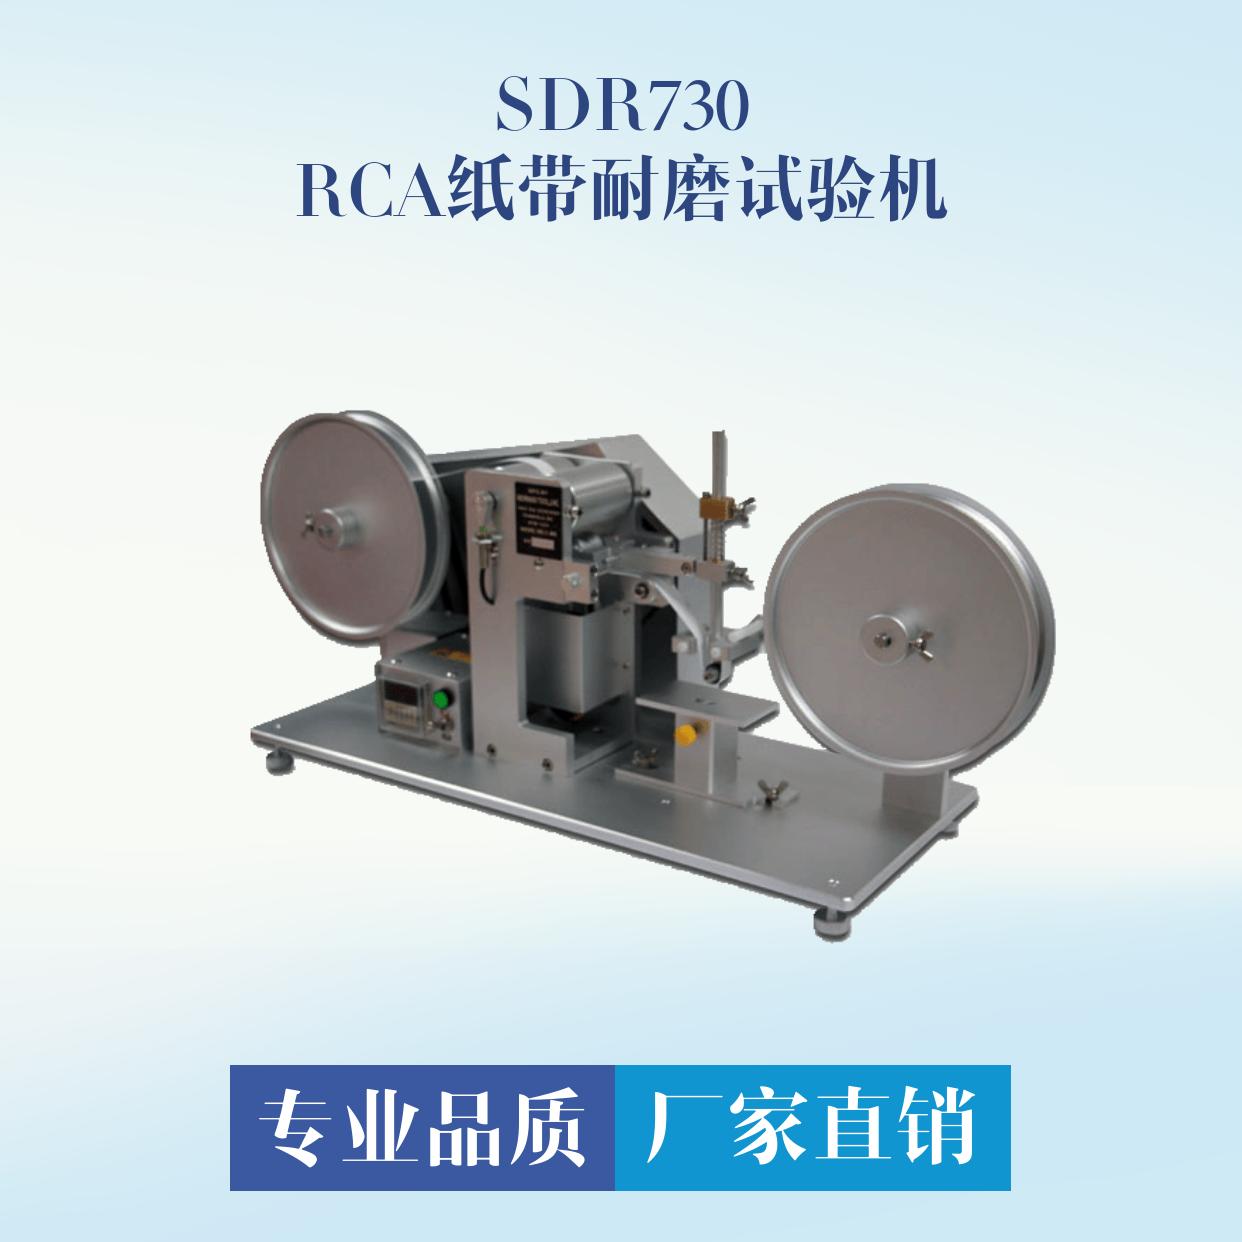 RCA纸带耐磨试验机SDR730